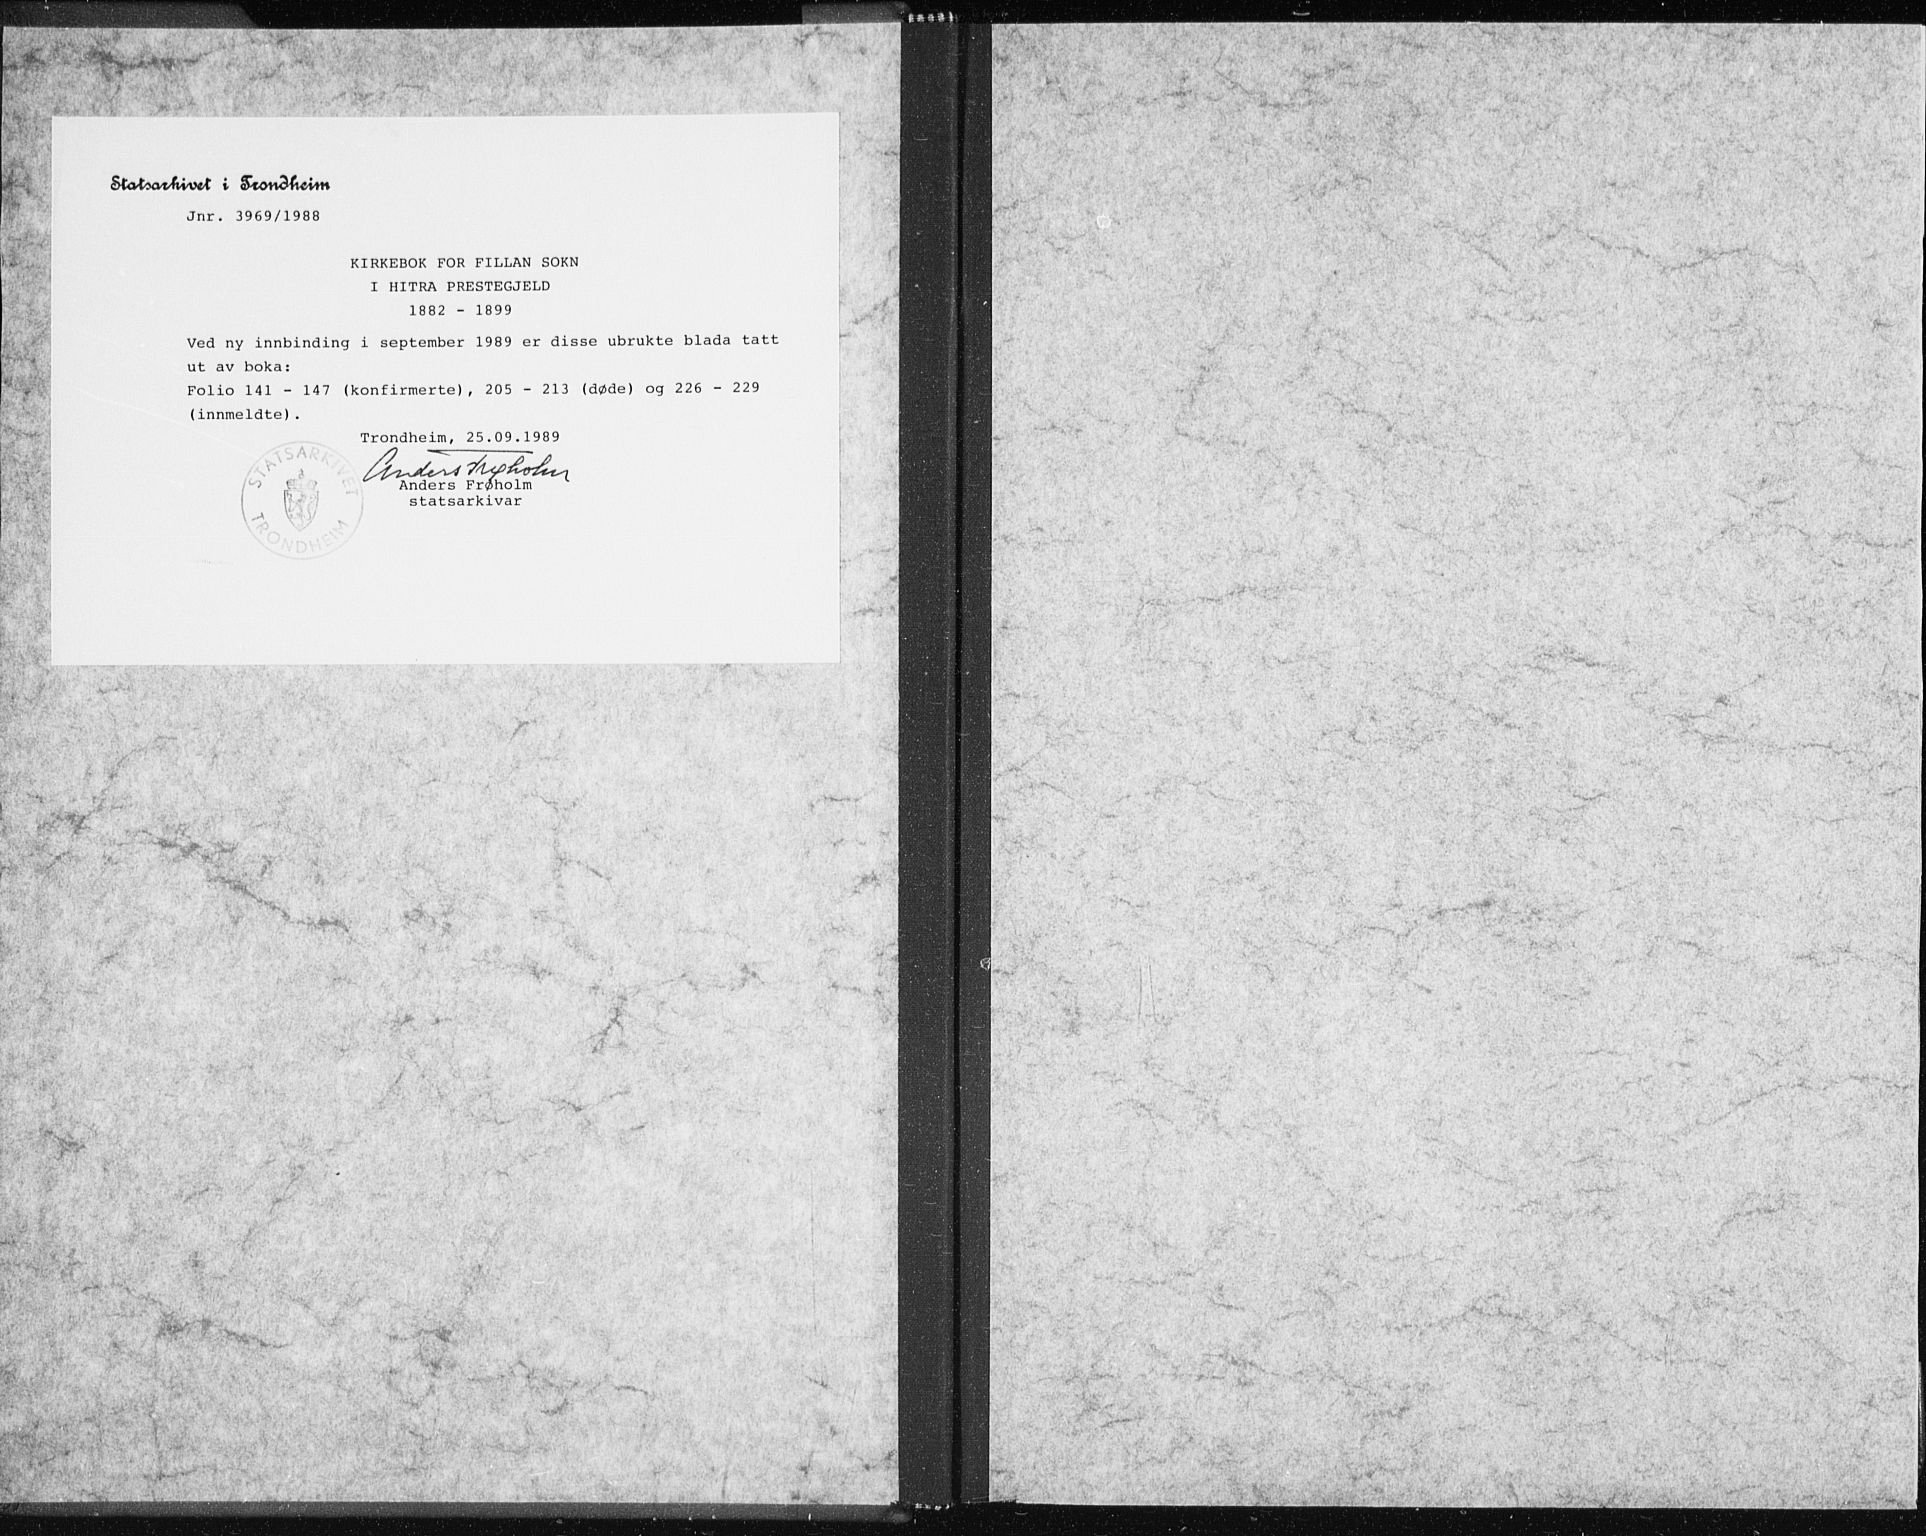 SAT, Ministerialprotokoller, klokkerbøker og fødselsregistre - Sør-Trøndelag, 637/L0558: Ministerialbok nr. 637A01, 1882-1899